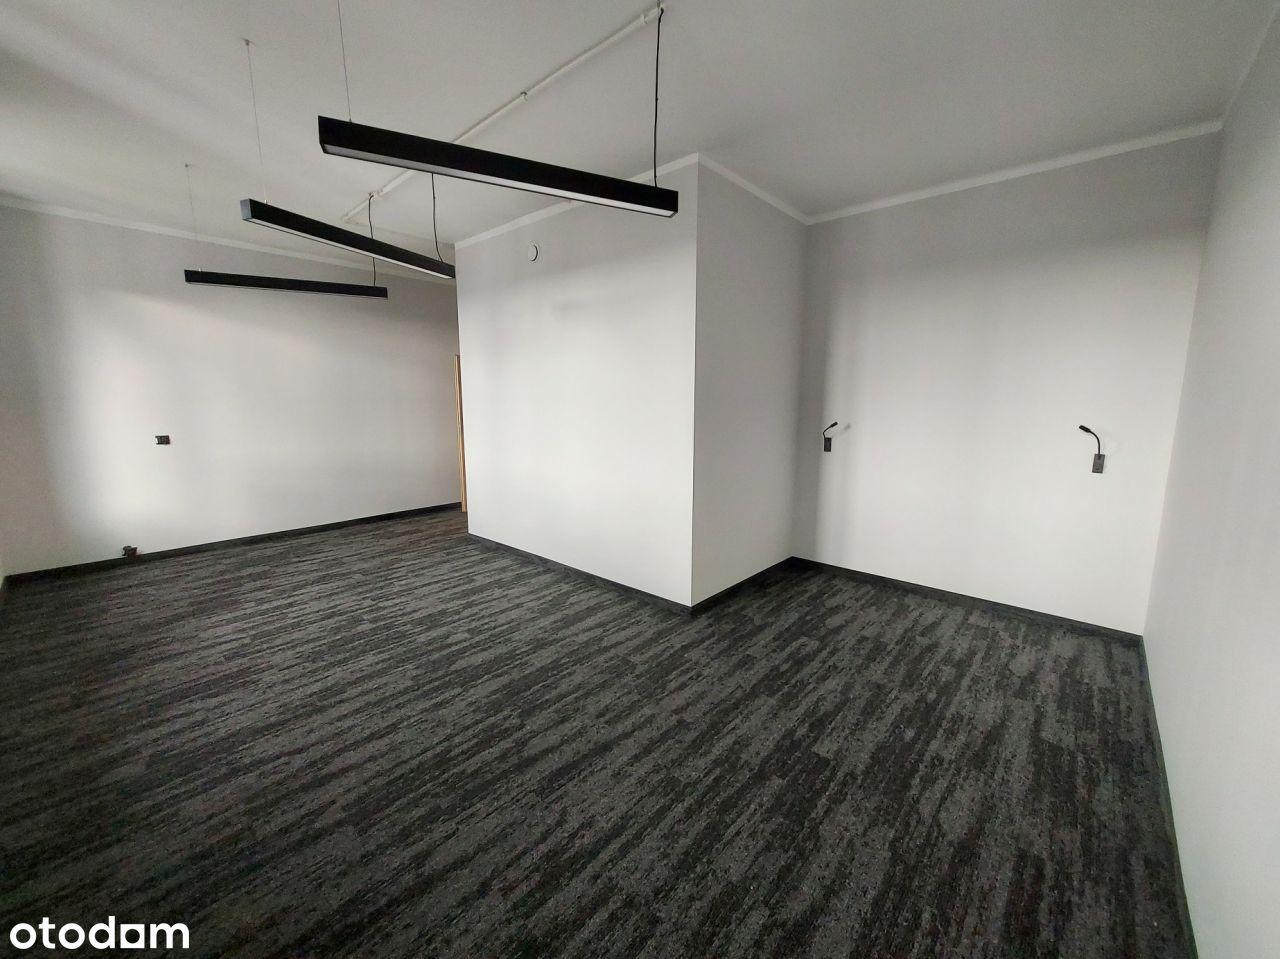 biuro z prytaną łazienką - do wynajecia w nowym bi